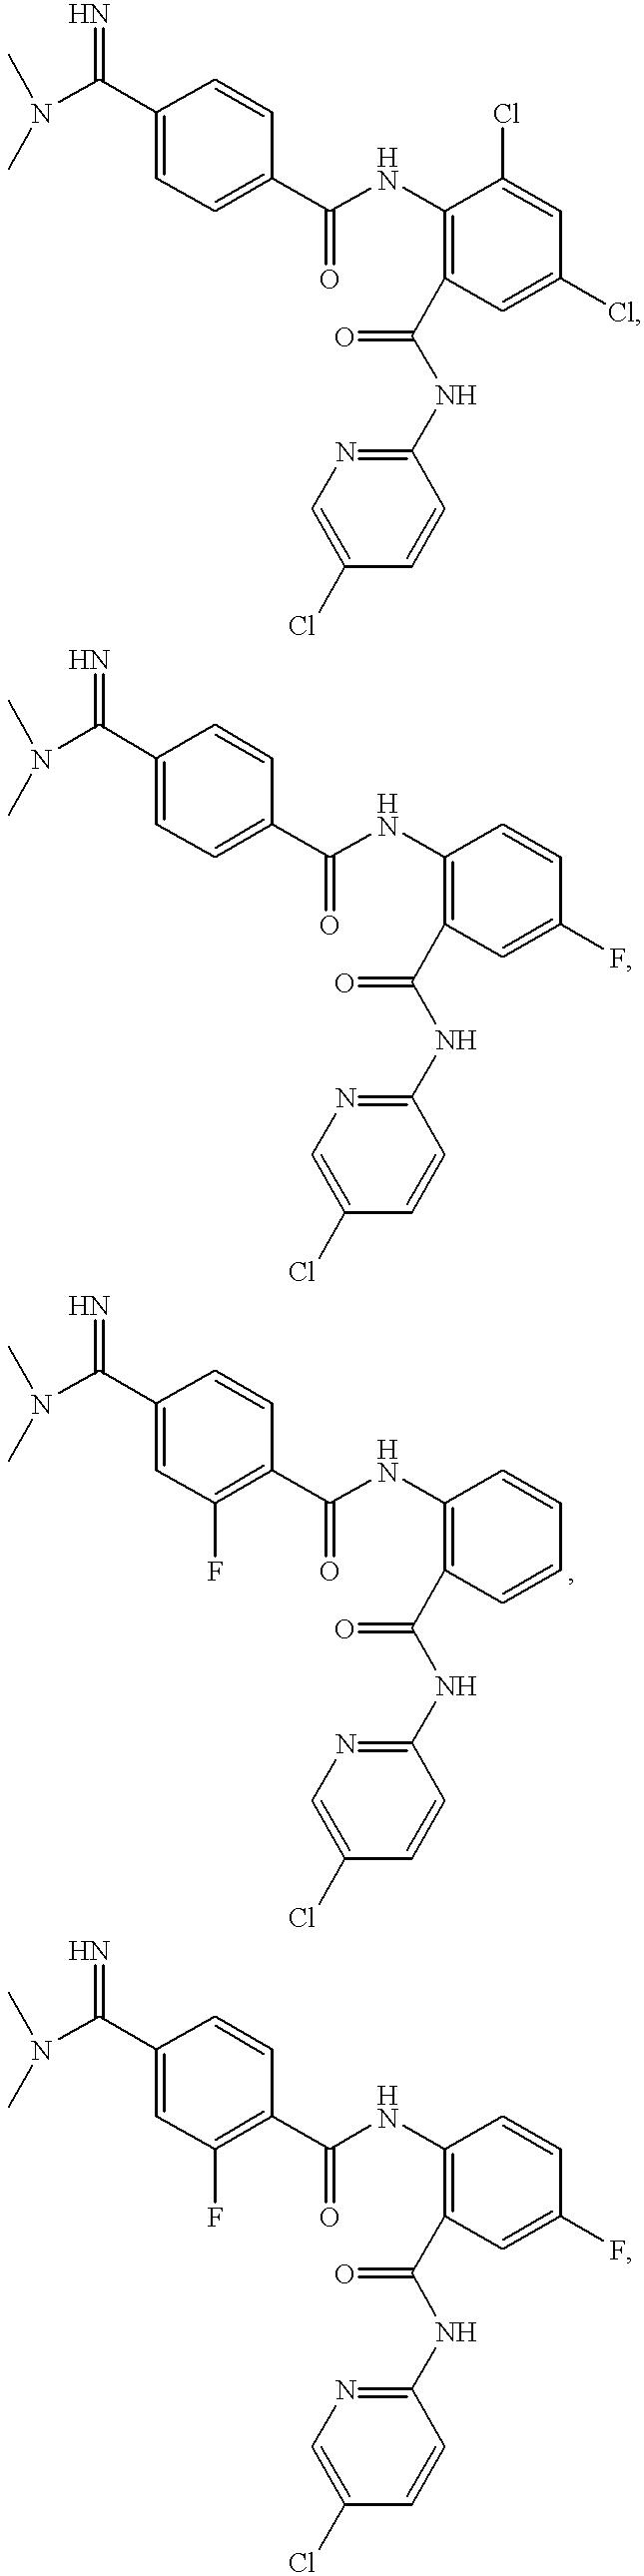 Figure US06376515-20020423-C00046